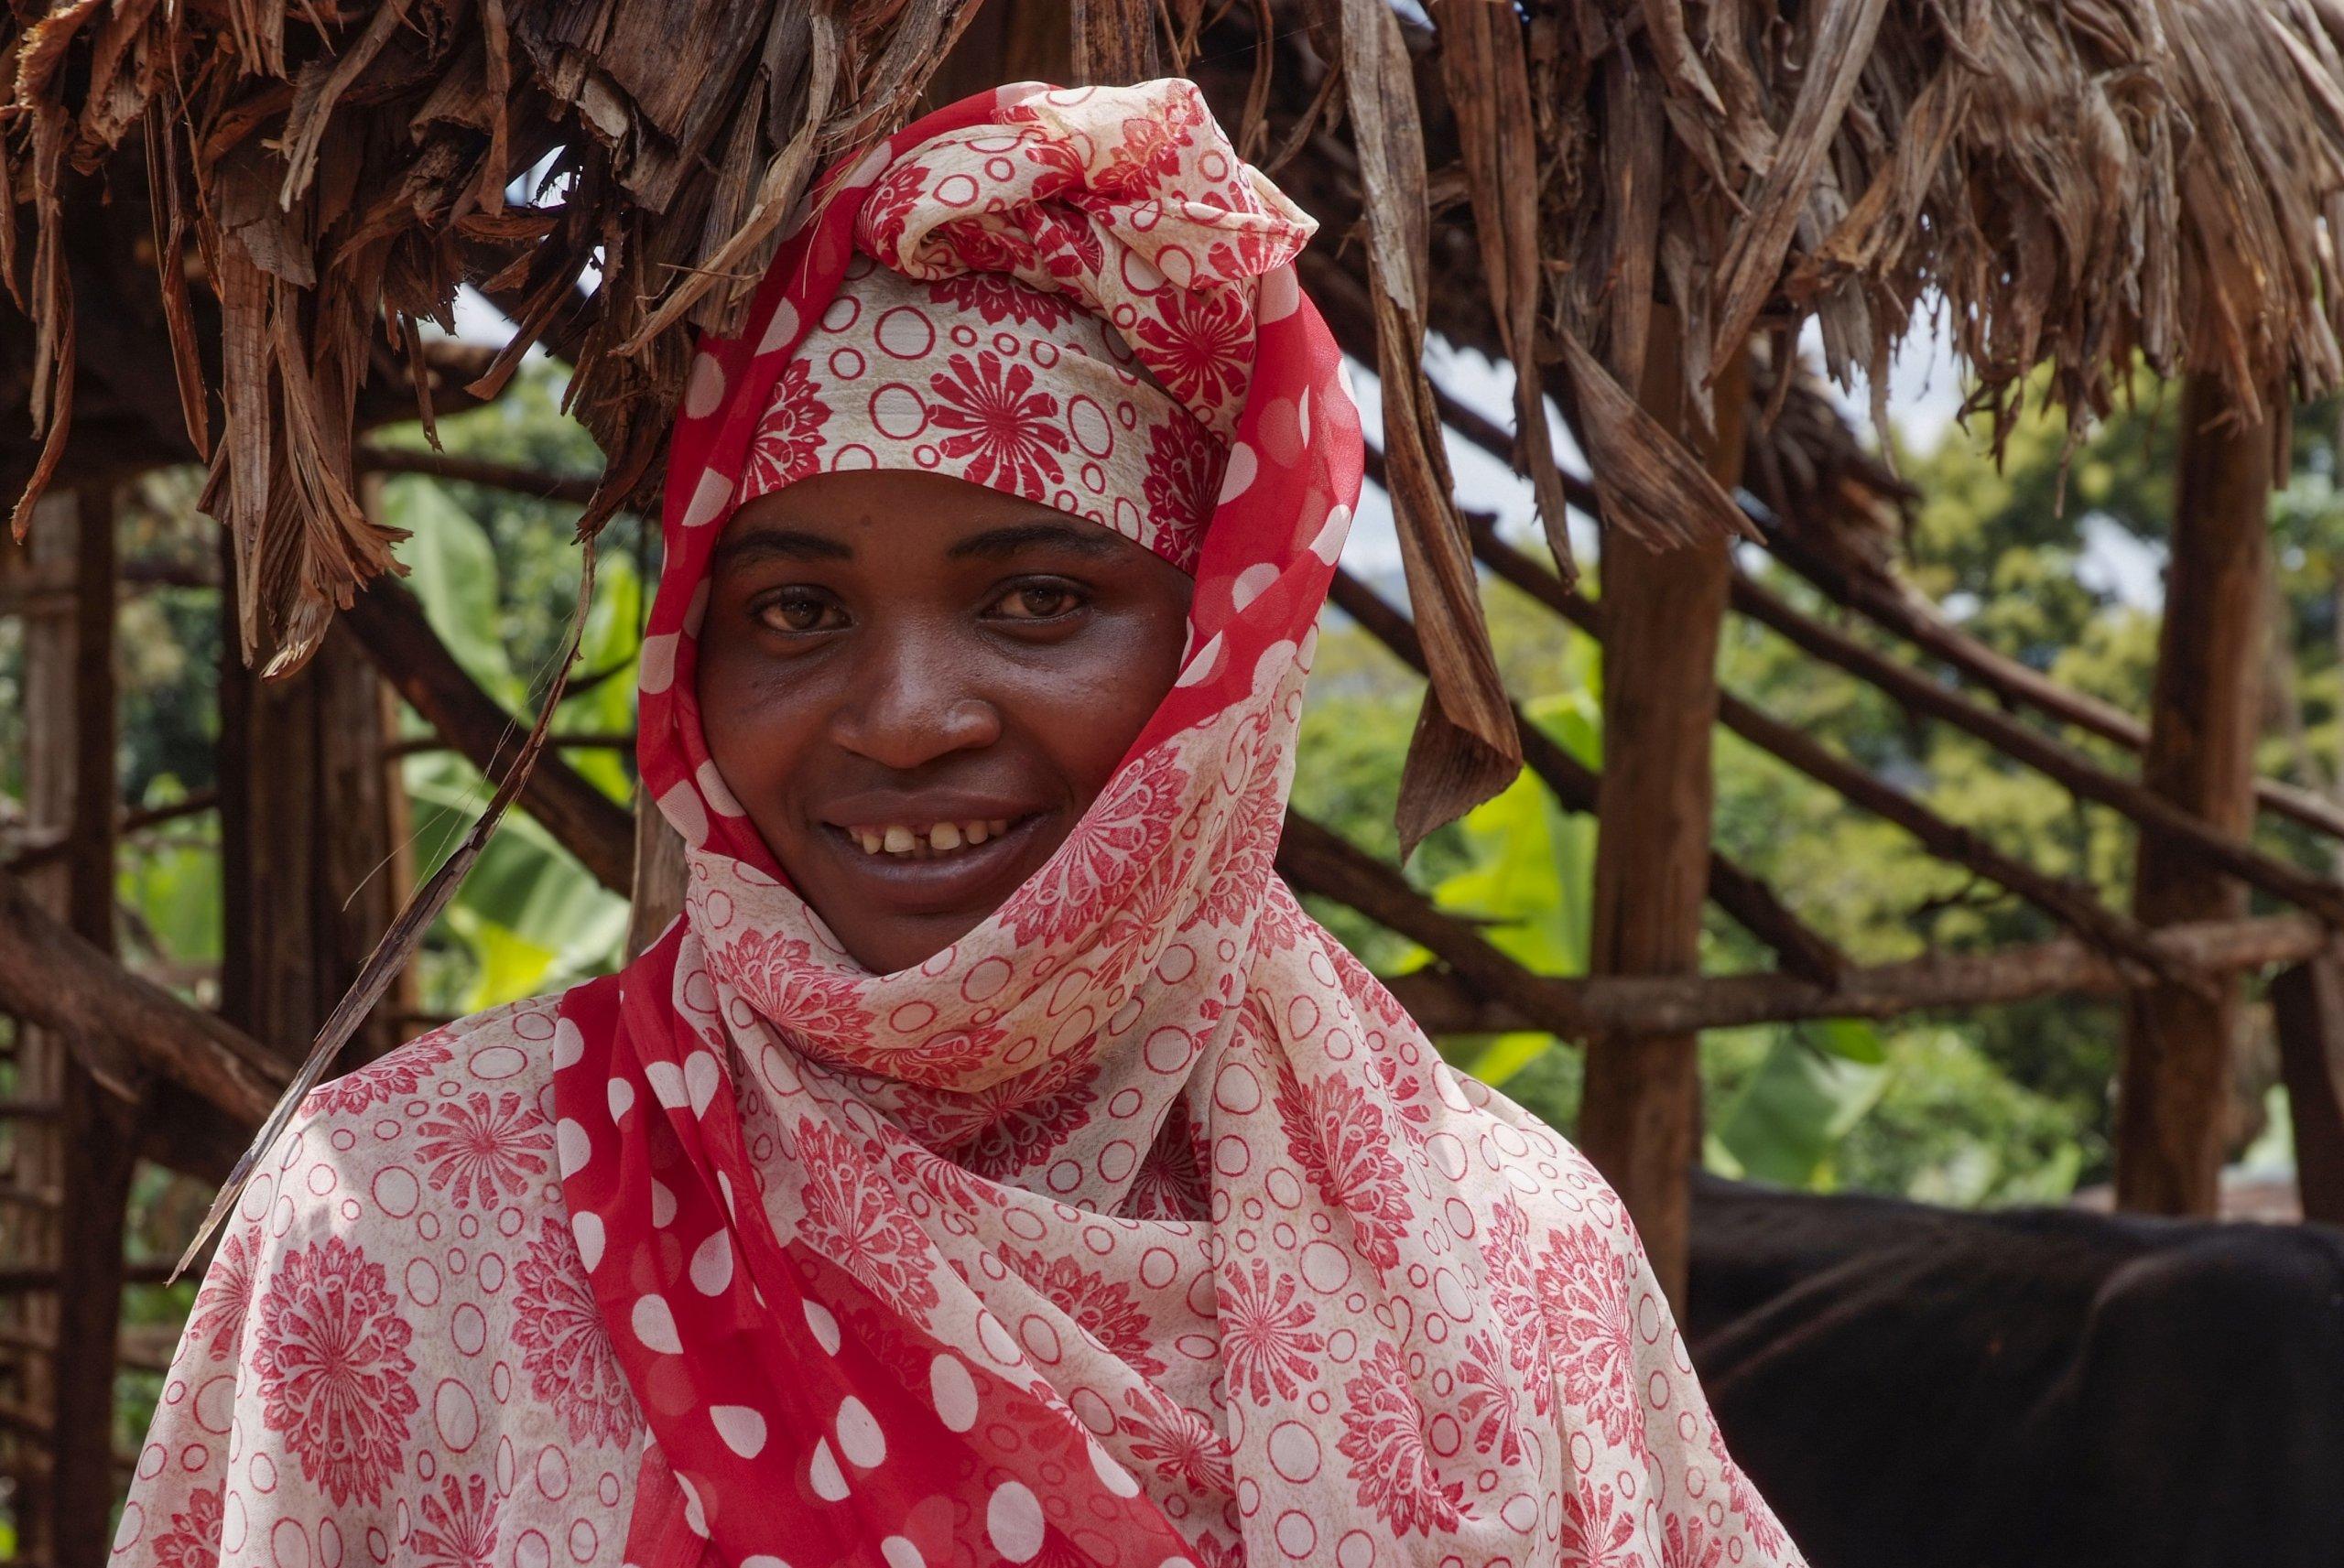 25 01 boerin trotsevrouw Amina Muhusin Lushoto Tanzania 5364 scaled